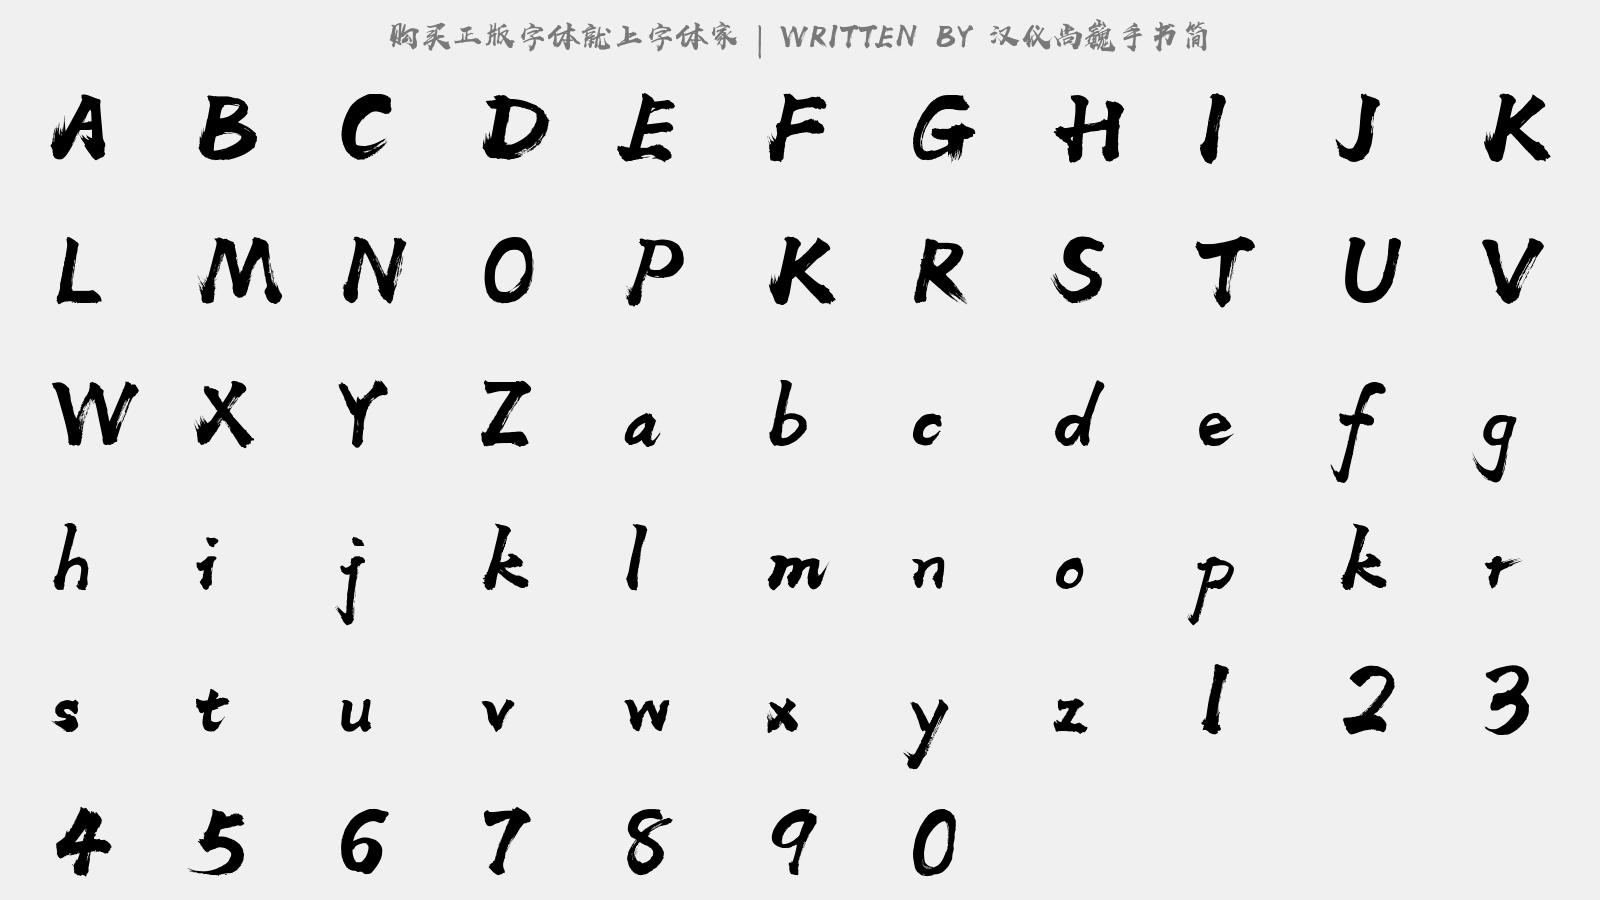 漢儀尚巍手書簡 - 大寫字母/小寫字母/數字